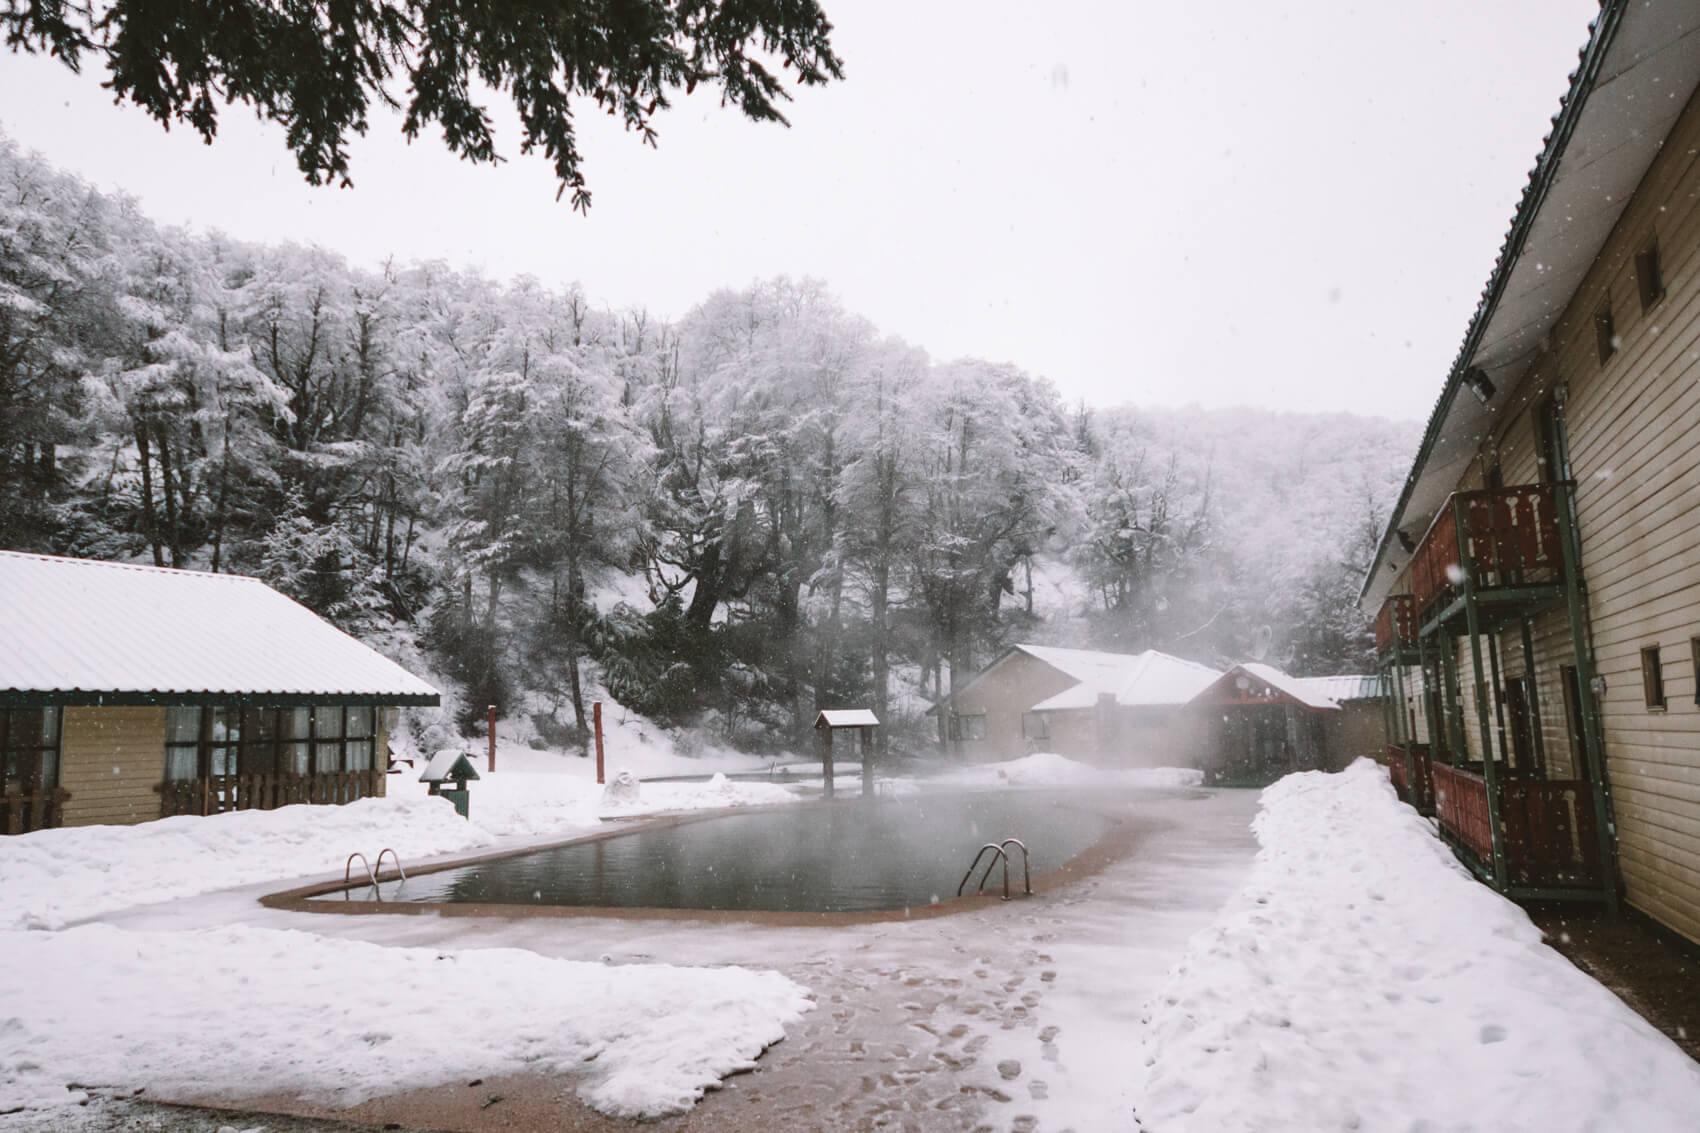 Piscina de águas termais do hotel Nevados de Chillán   por @viajandonajanela